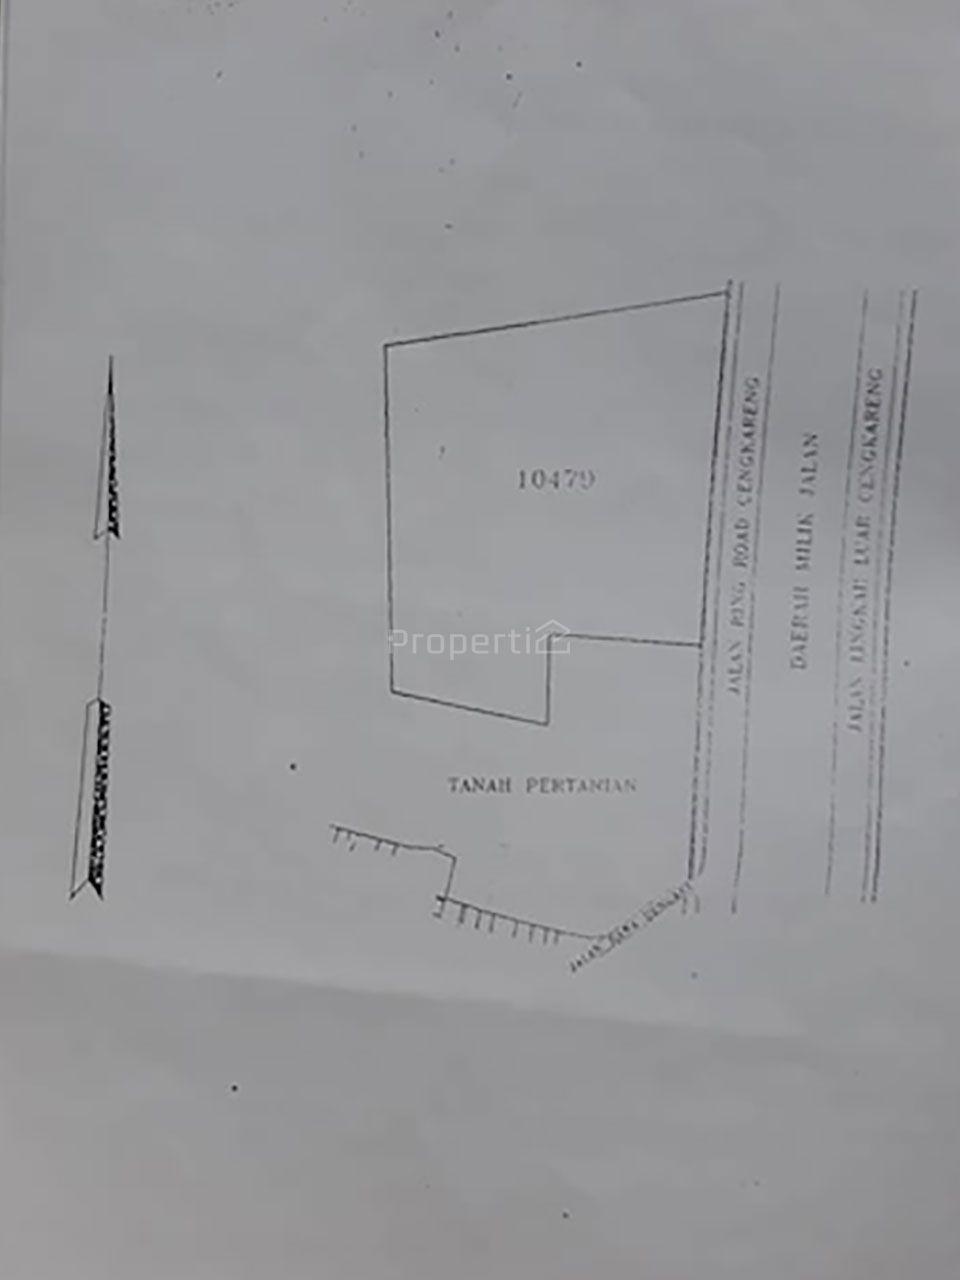 2.3 Ha Commercial Land in West Cengkareng, West Jakarta, DKI Jakarta